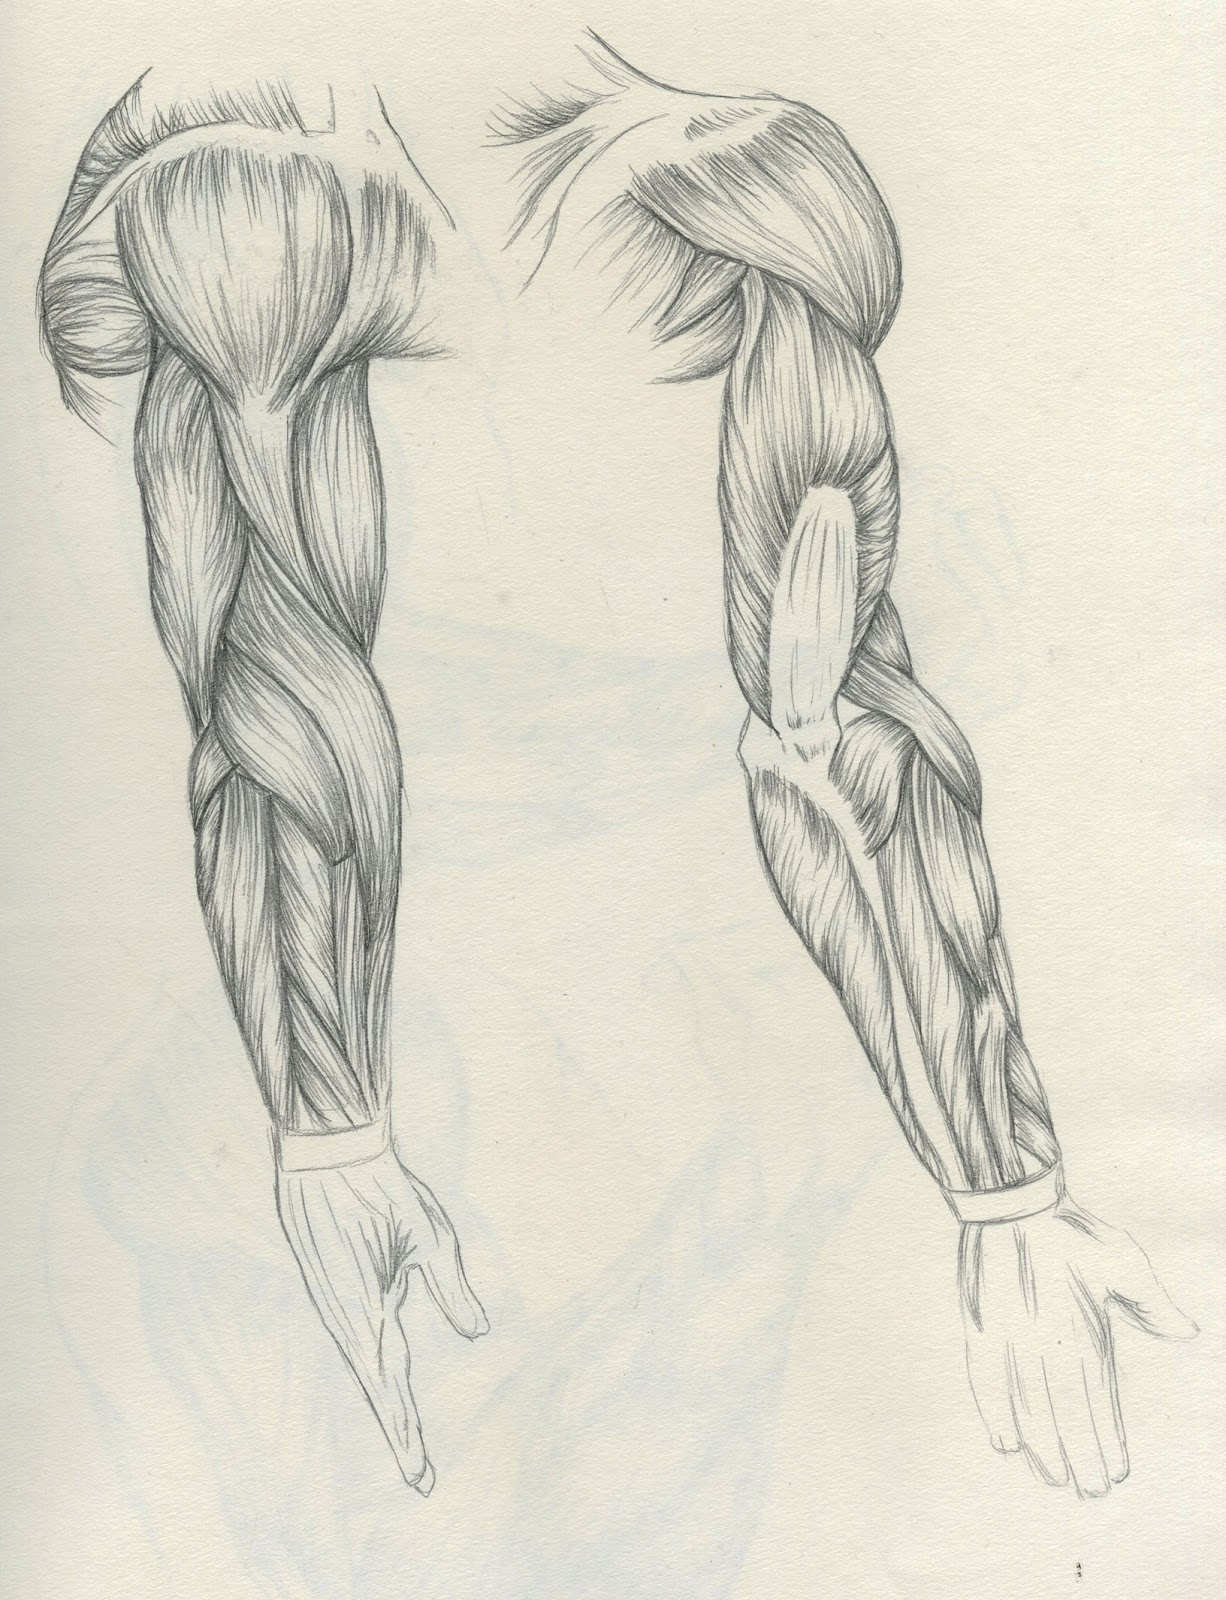 Ellenstration: Anatomy Practice - Tickets to the Gun Show